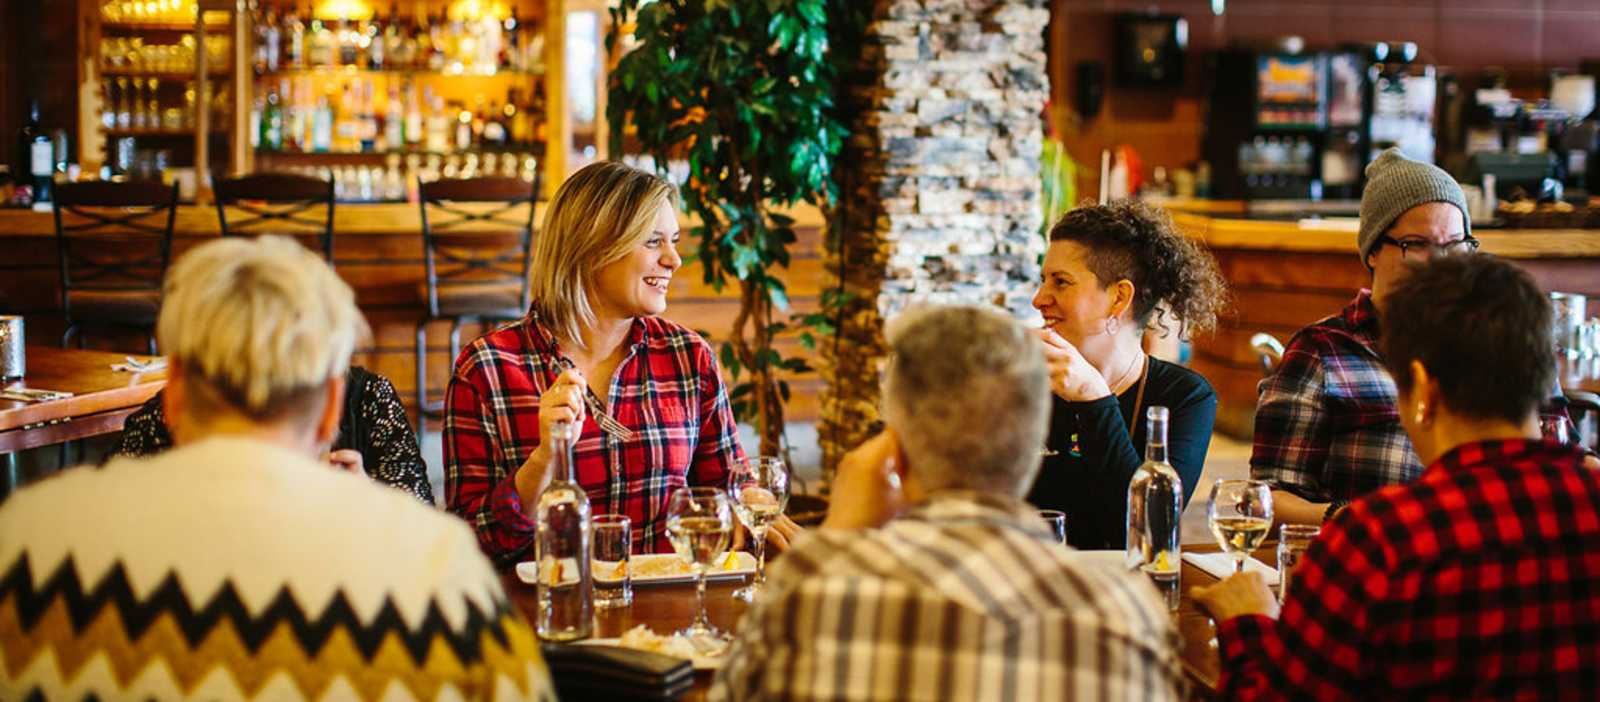 Eindrücke der Jasper Food Tour in dem Bergstädtchen Jasper der kanadischen Provinz Alberta